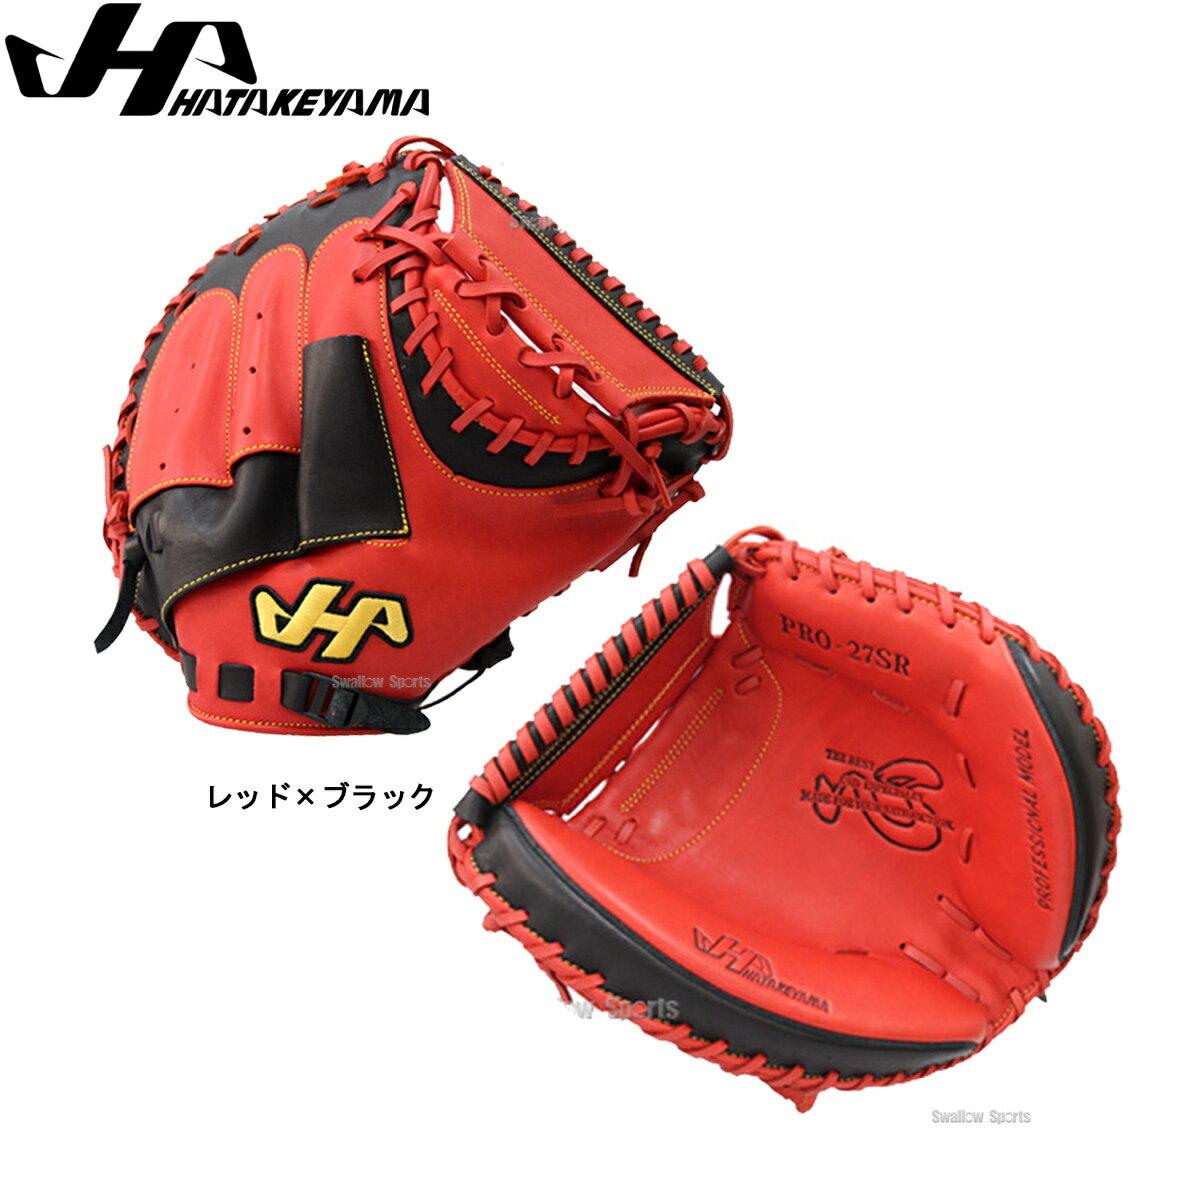 【あす楽対応】 ハタケヤマ hatakeyama 限定 軟式 プロモデル キャッチャーミット PRO-27 軟式グローブ 軟式用 野球用品 スワロースポーツ